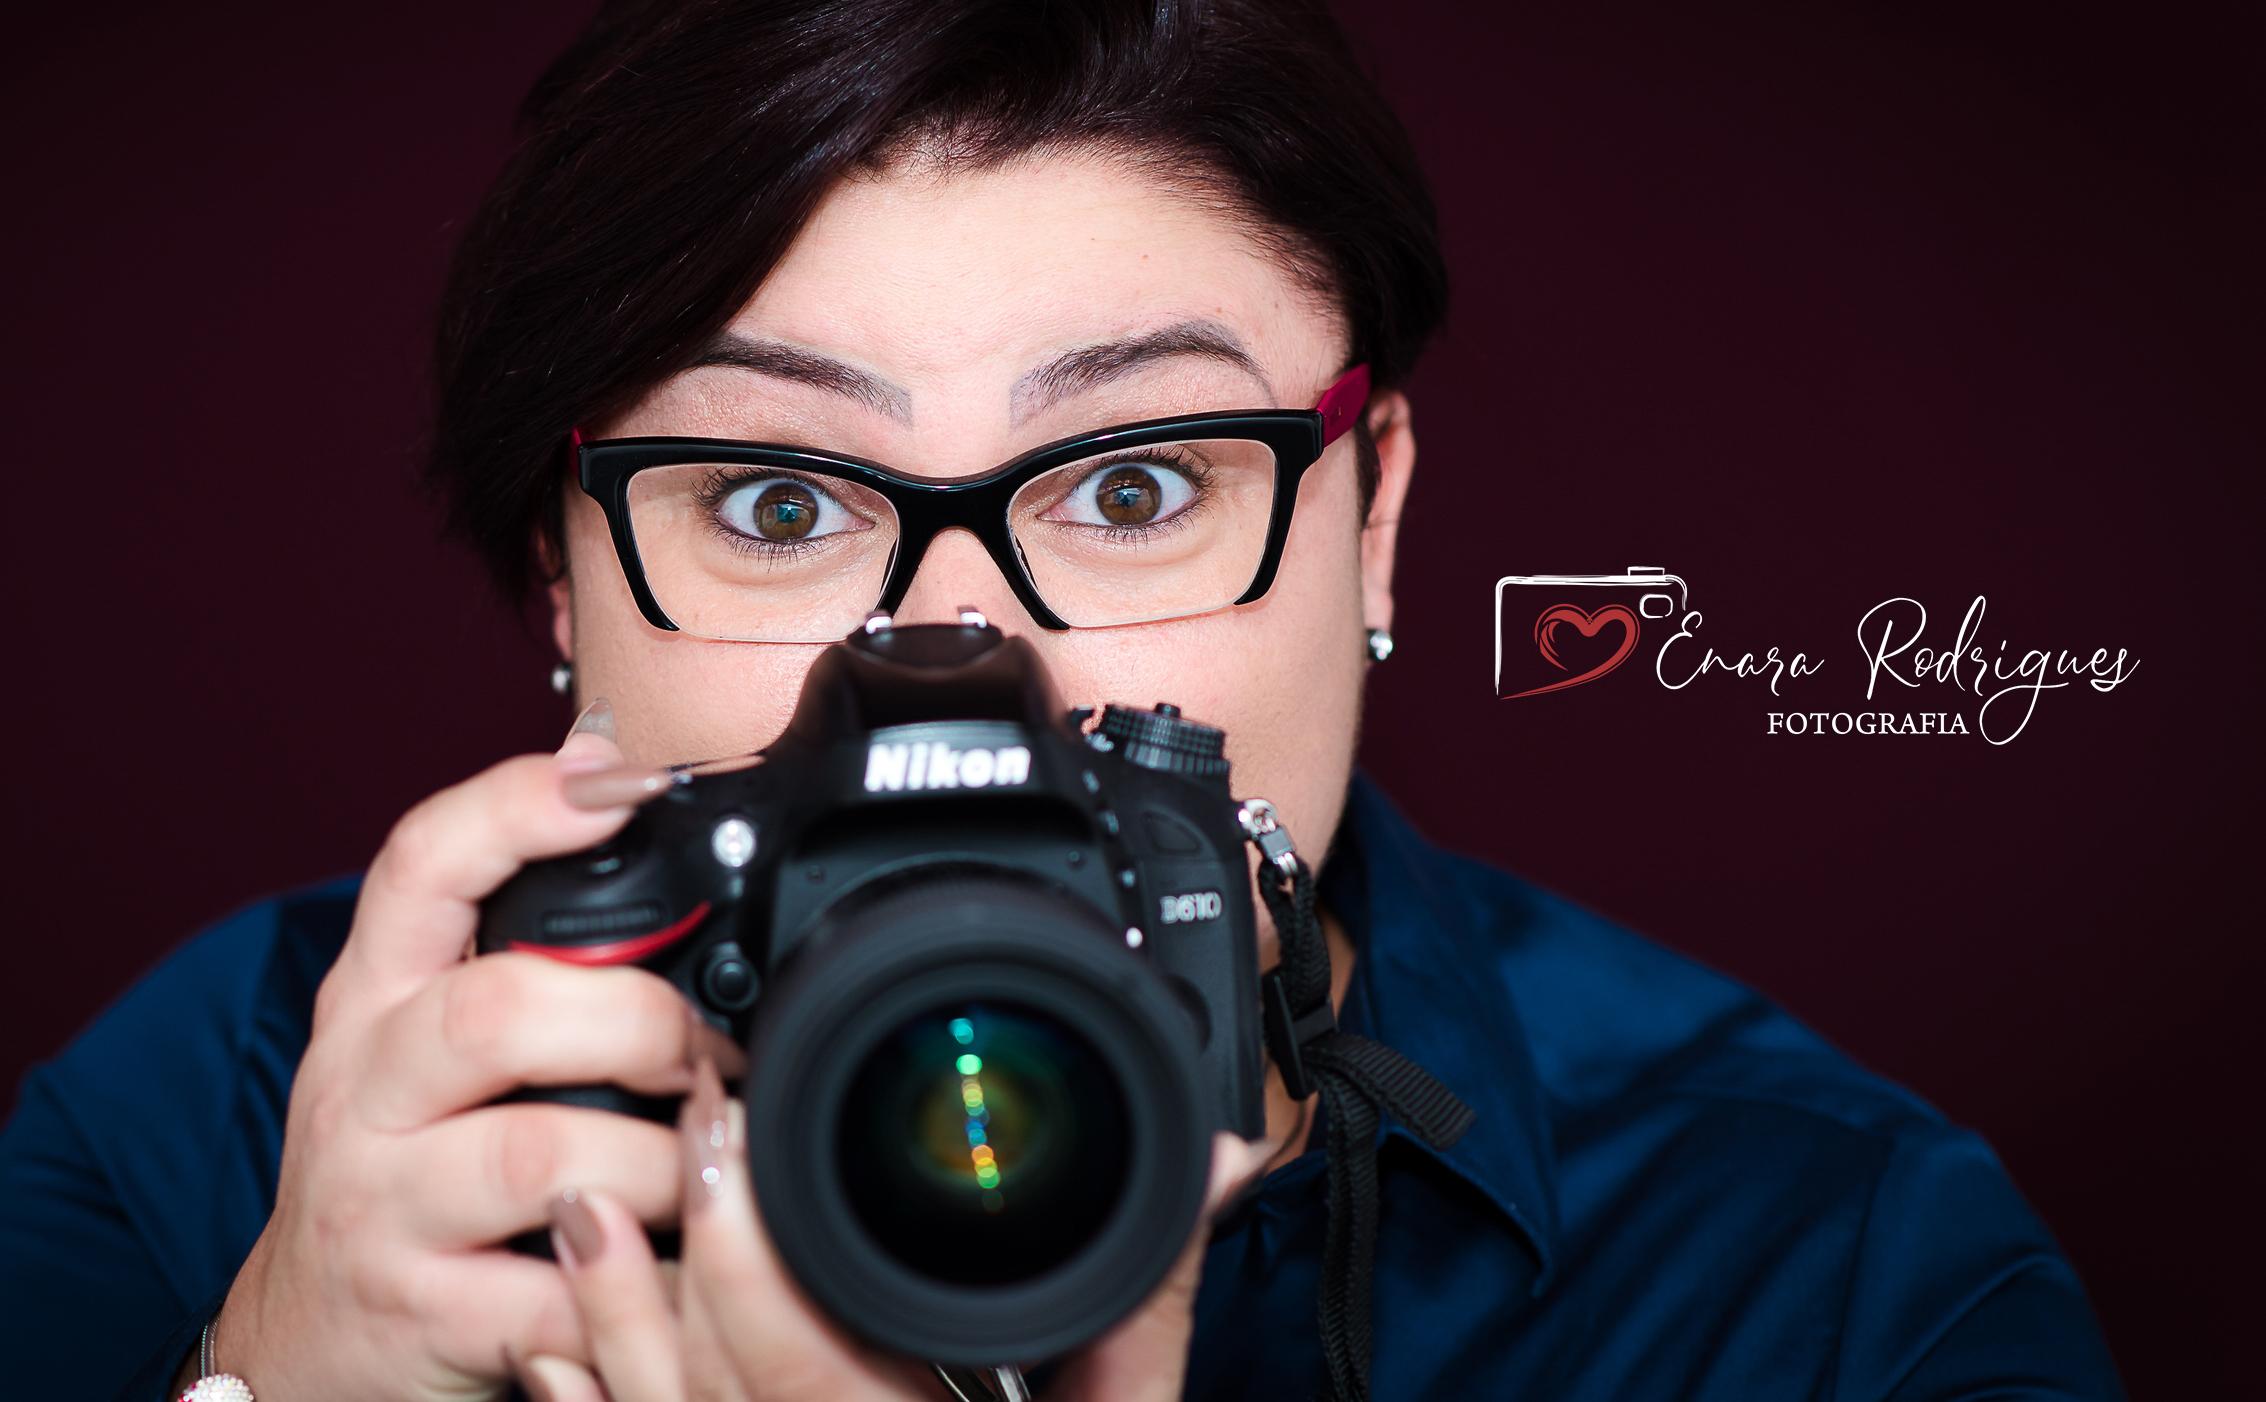 Contate Enara Rodrigues - Registrando experiências únicas de amor!